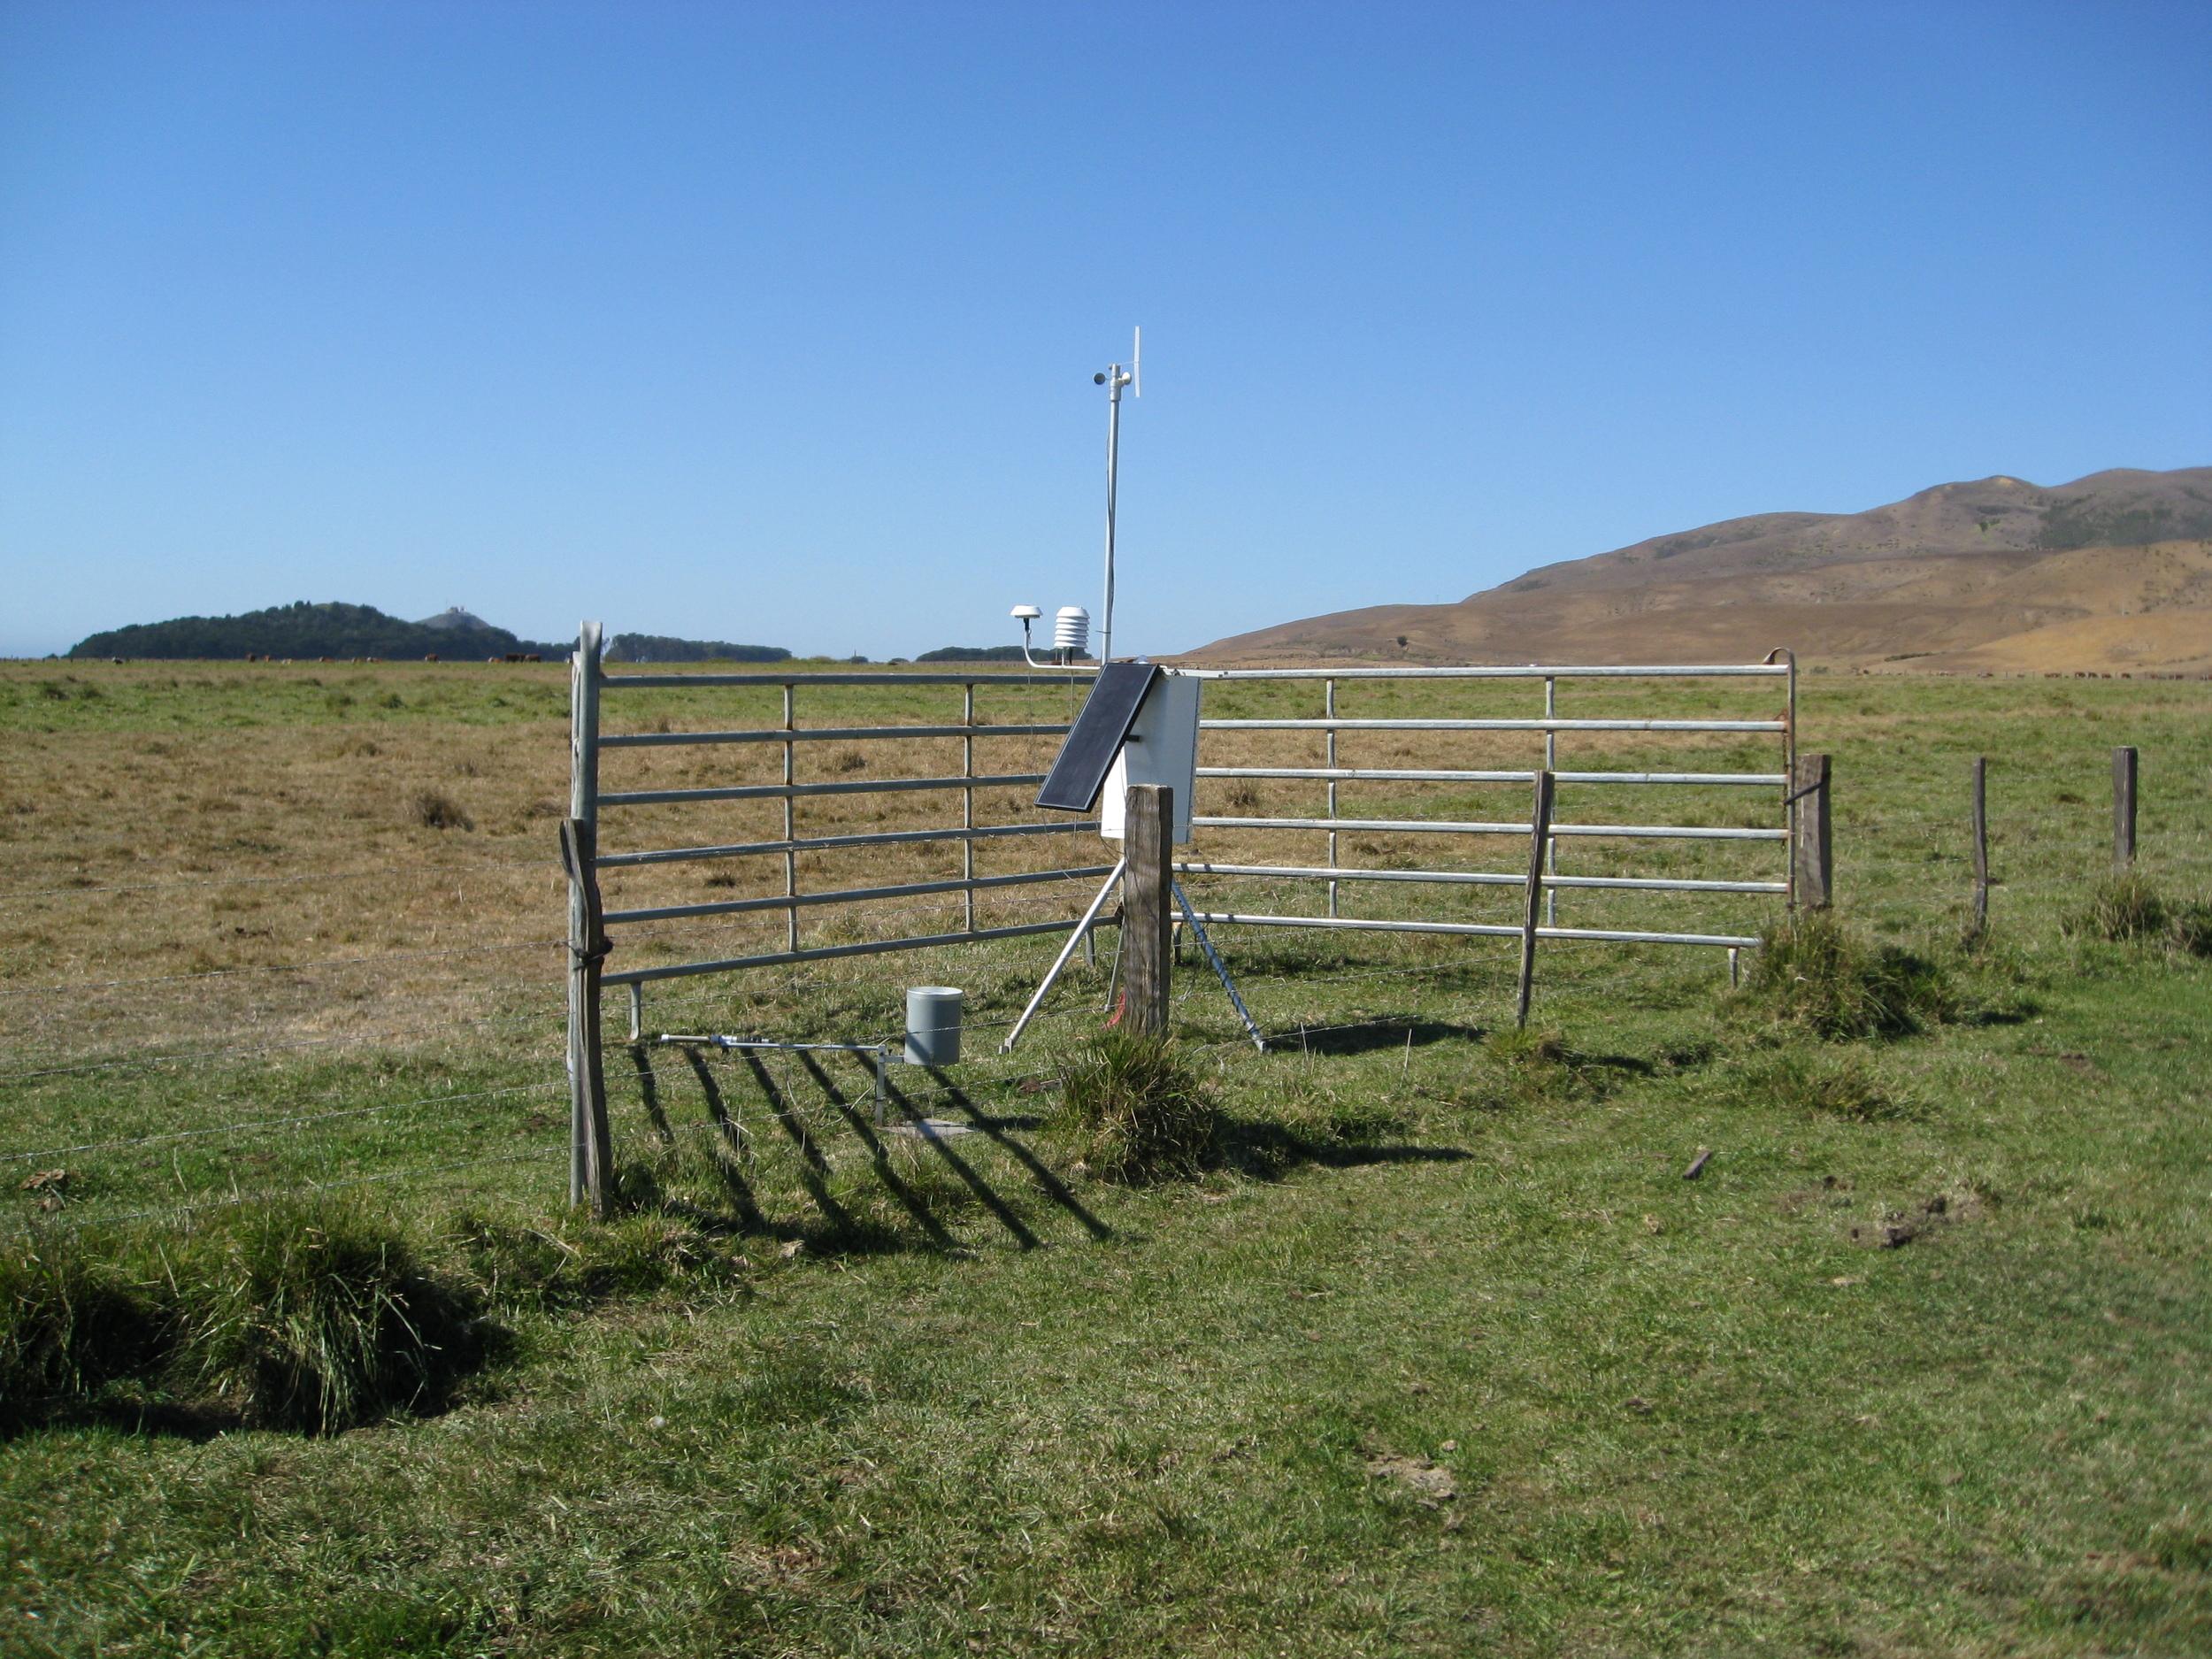 El Sur Ranch 013.jpg